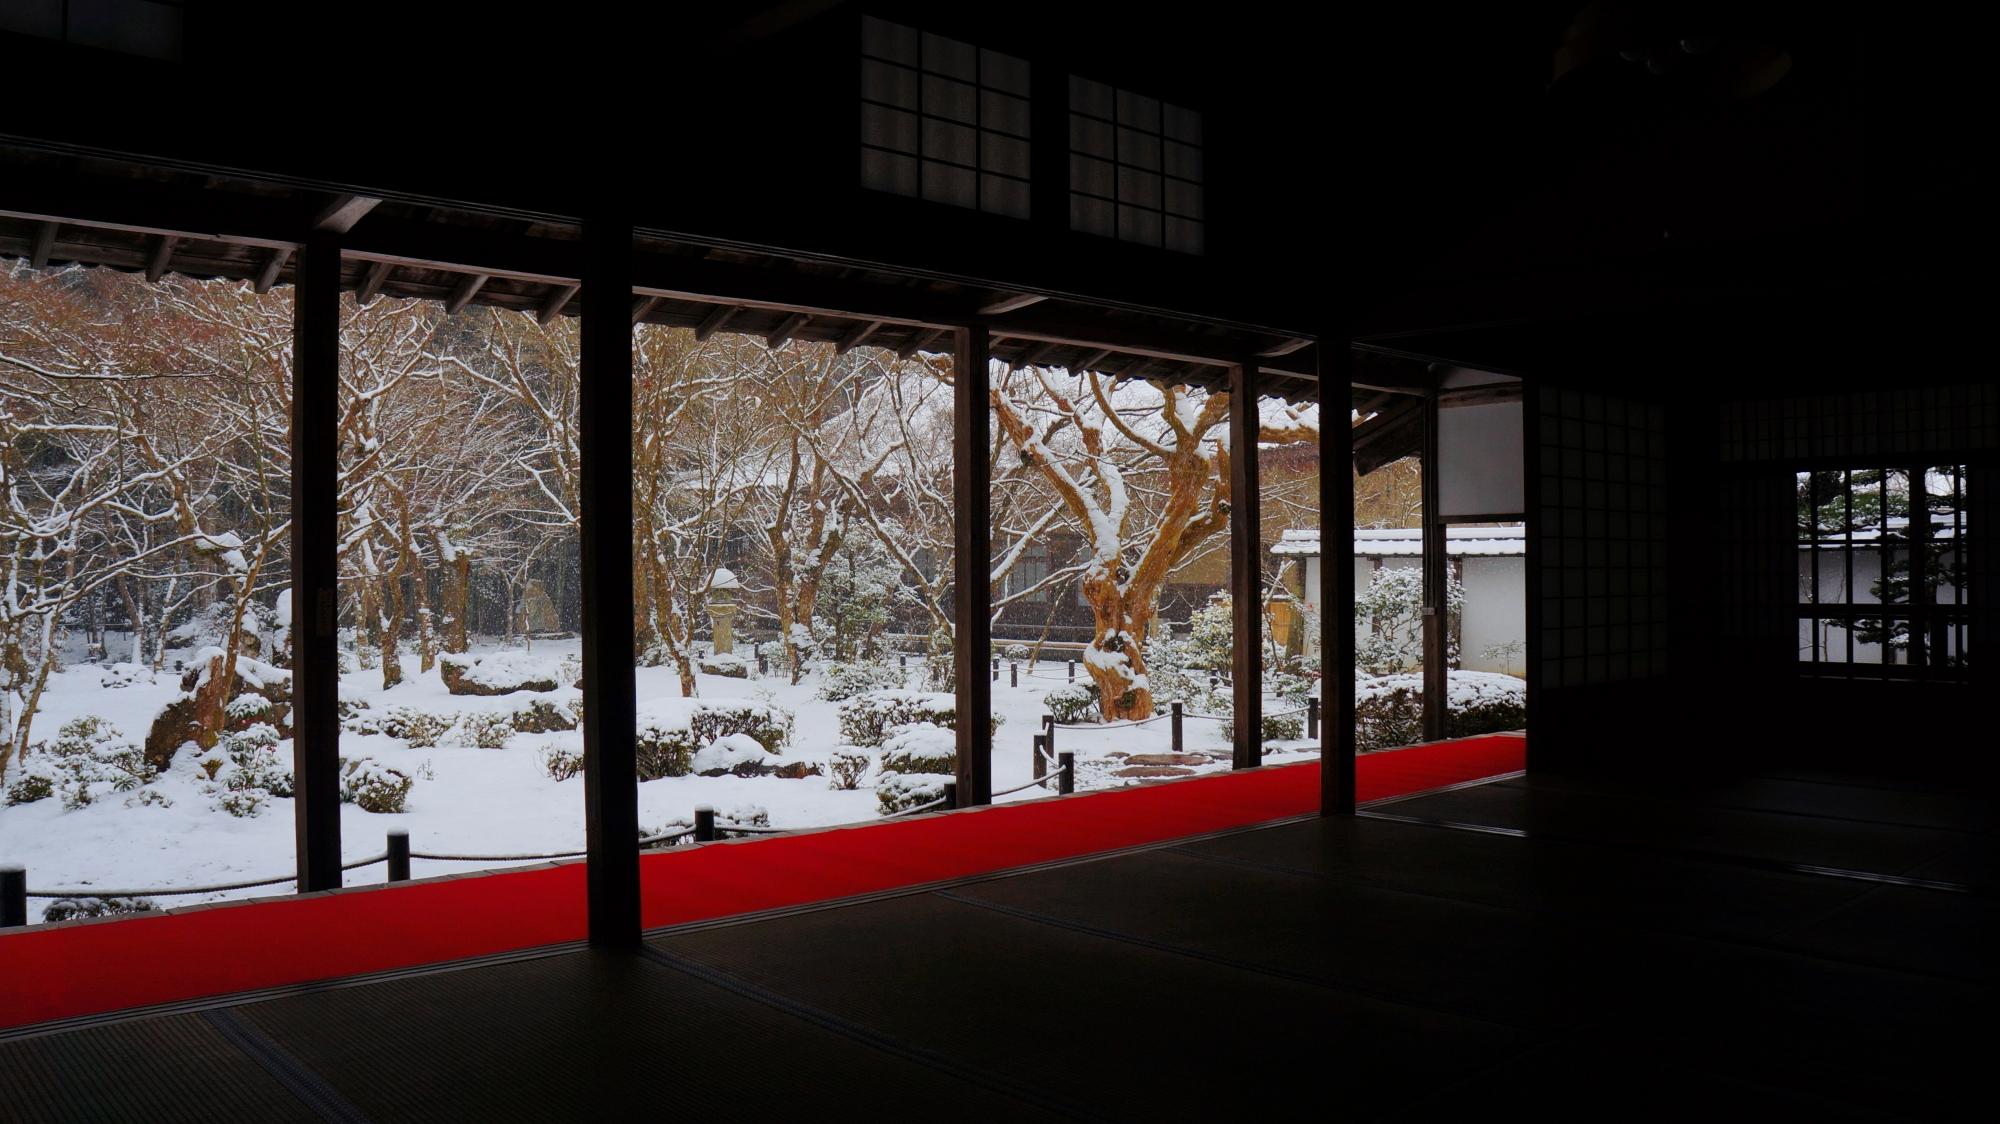 静寂と雪につつまれた見事な十牛之庭の冬景色